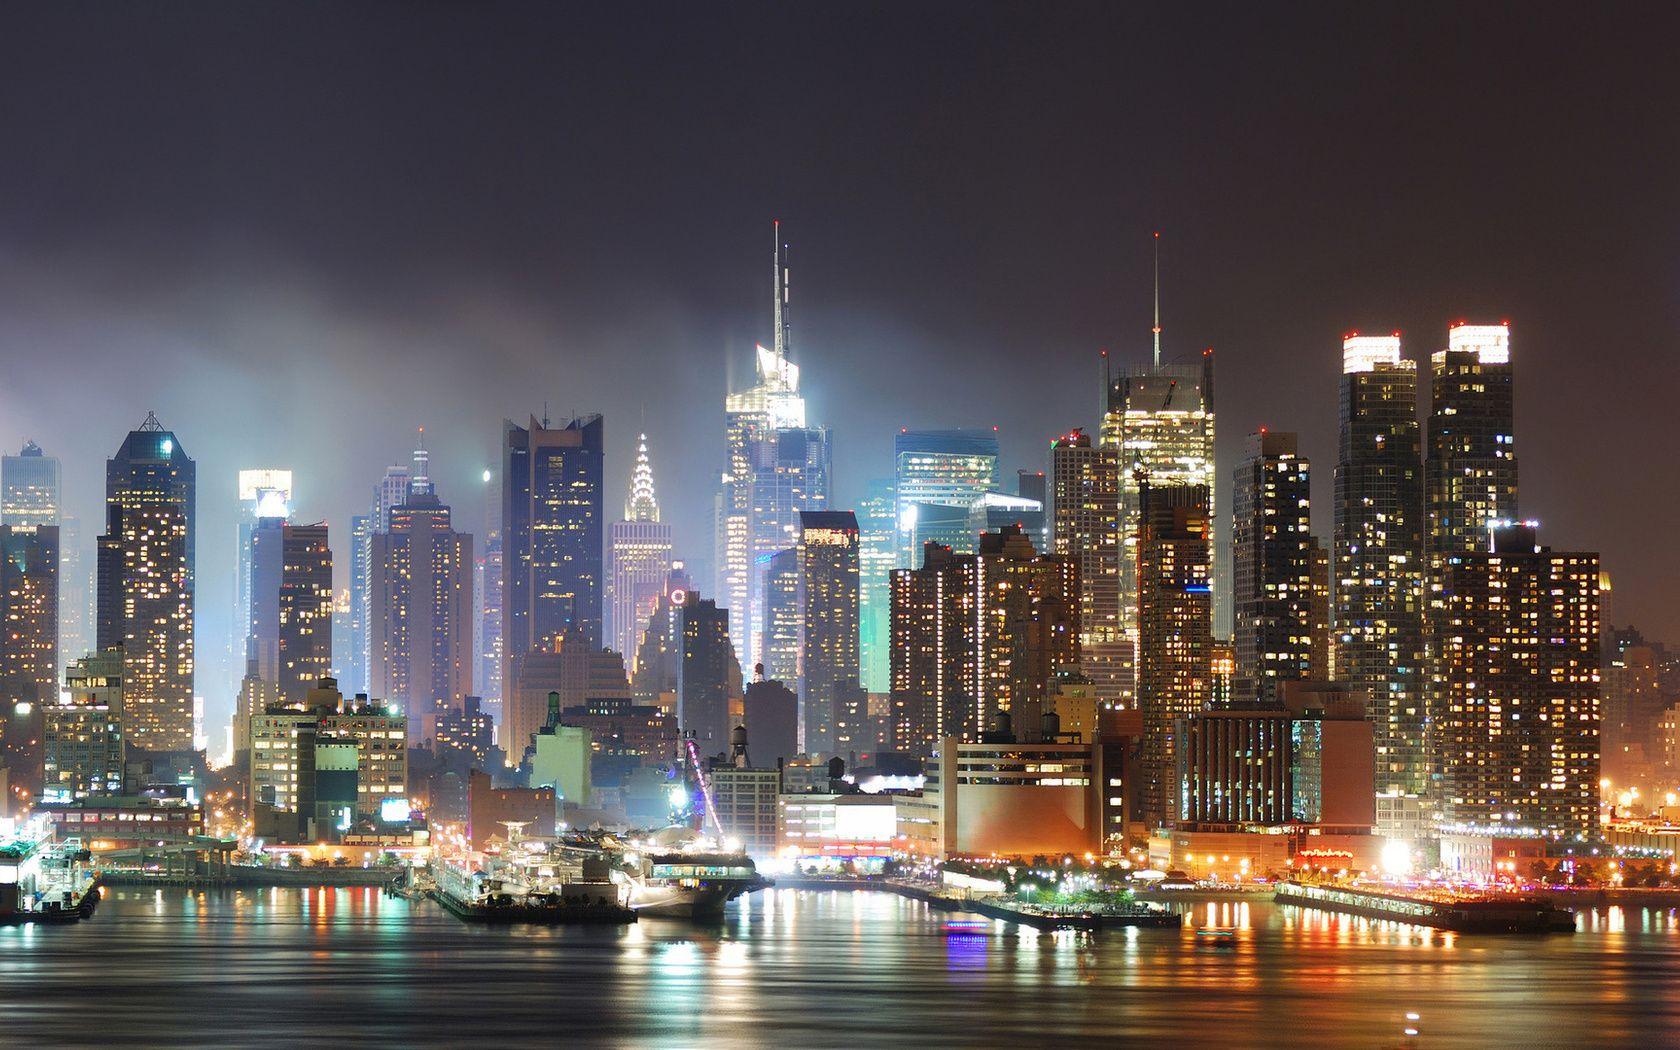 Vols Pas Chere A Los Angeles Ou Dans Les Plus Belles Villes Des Us Avec Notre Comparateur De Voyage New York City Manhattan Skyline Cityscape